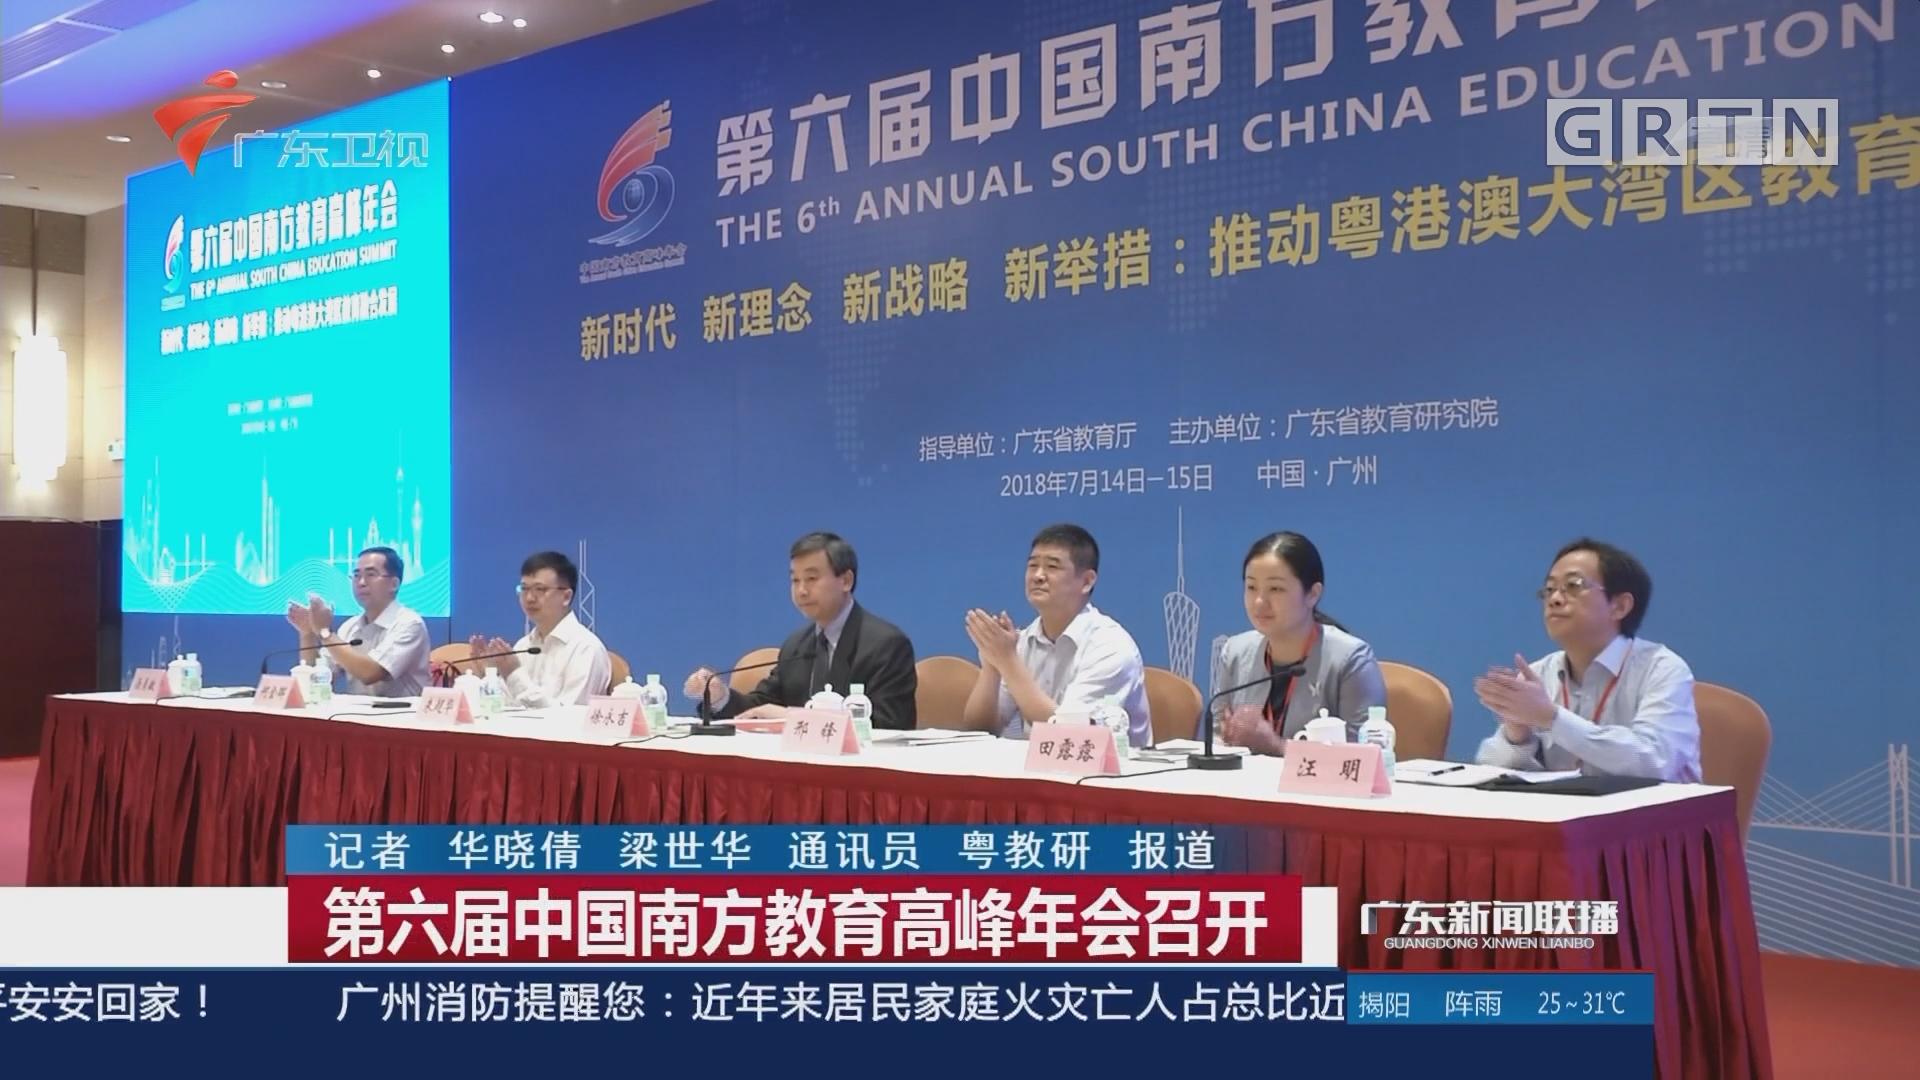 第六届中国南方教育高峰年会召开